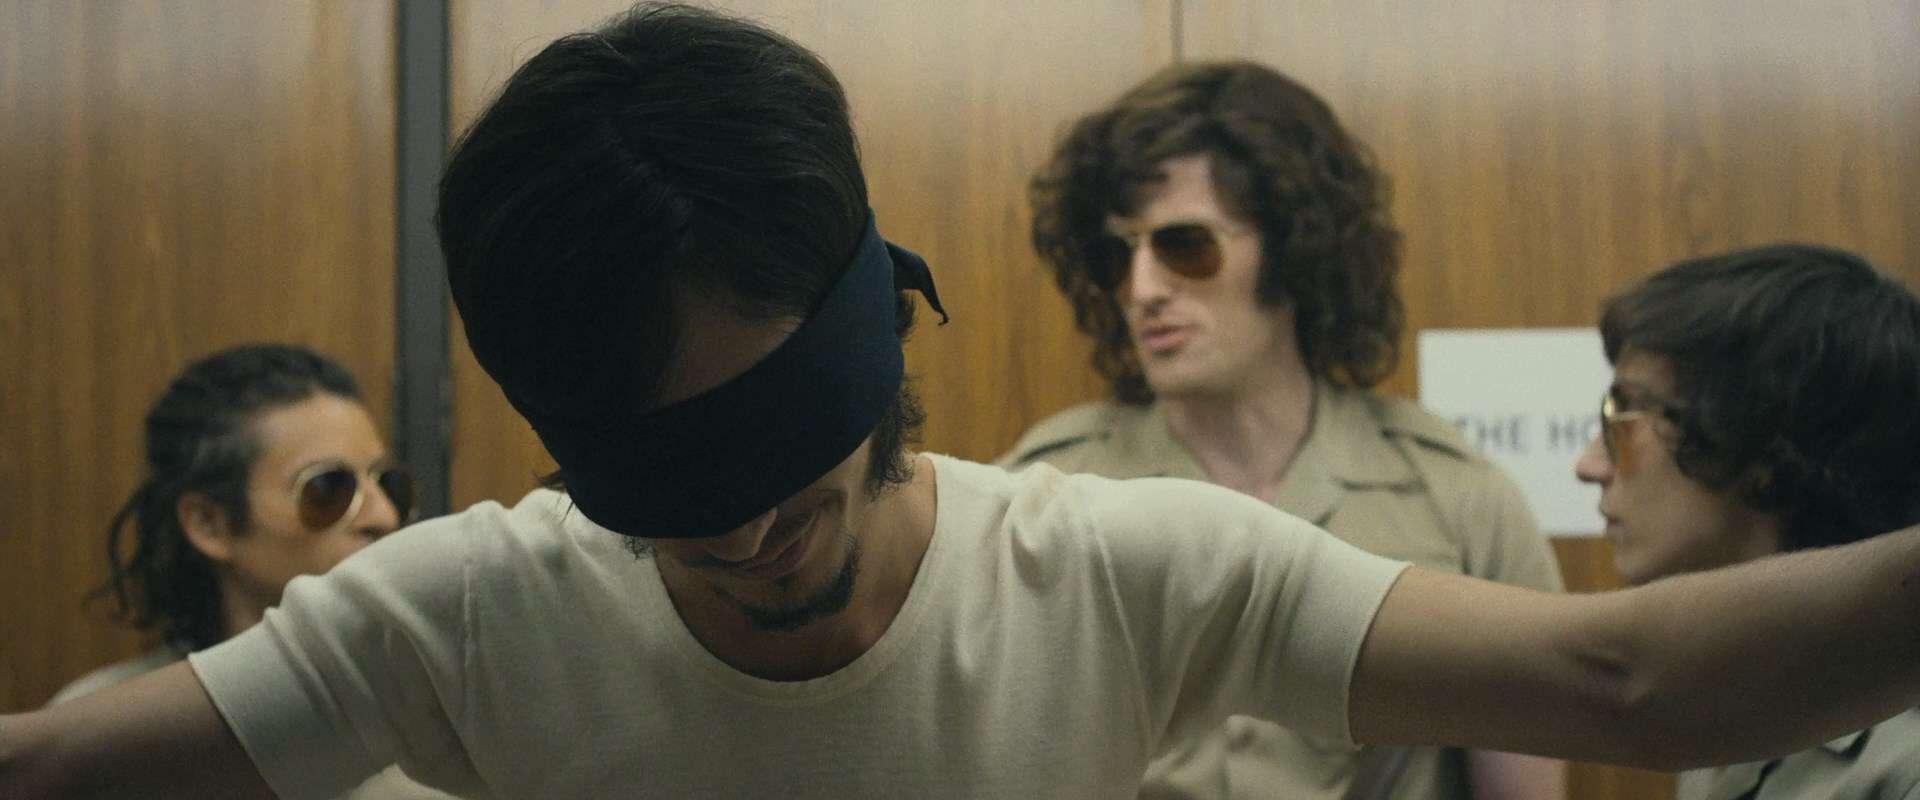 Тюремный эксперимент в Стэнфорде | BDRip 1080p | Чистый звук